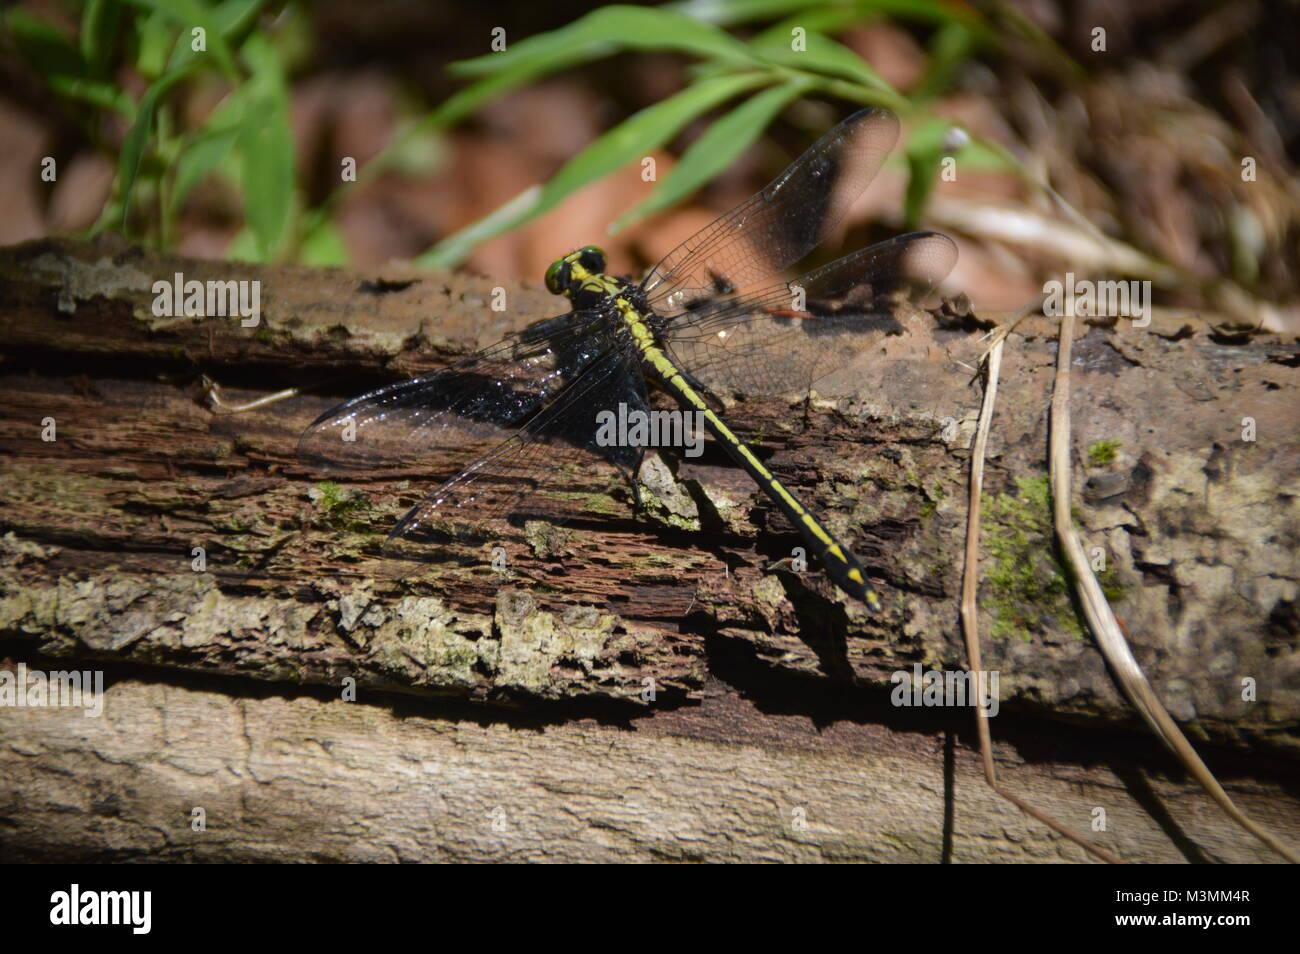 Un livre vert et noir Dragonfly on log avec quelques greenage dans le fond de la photo. Photo Stock